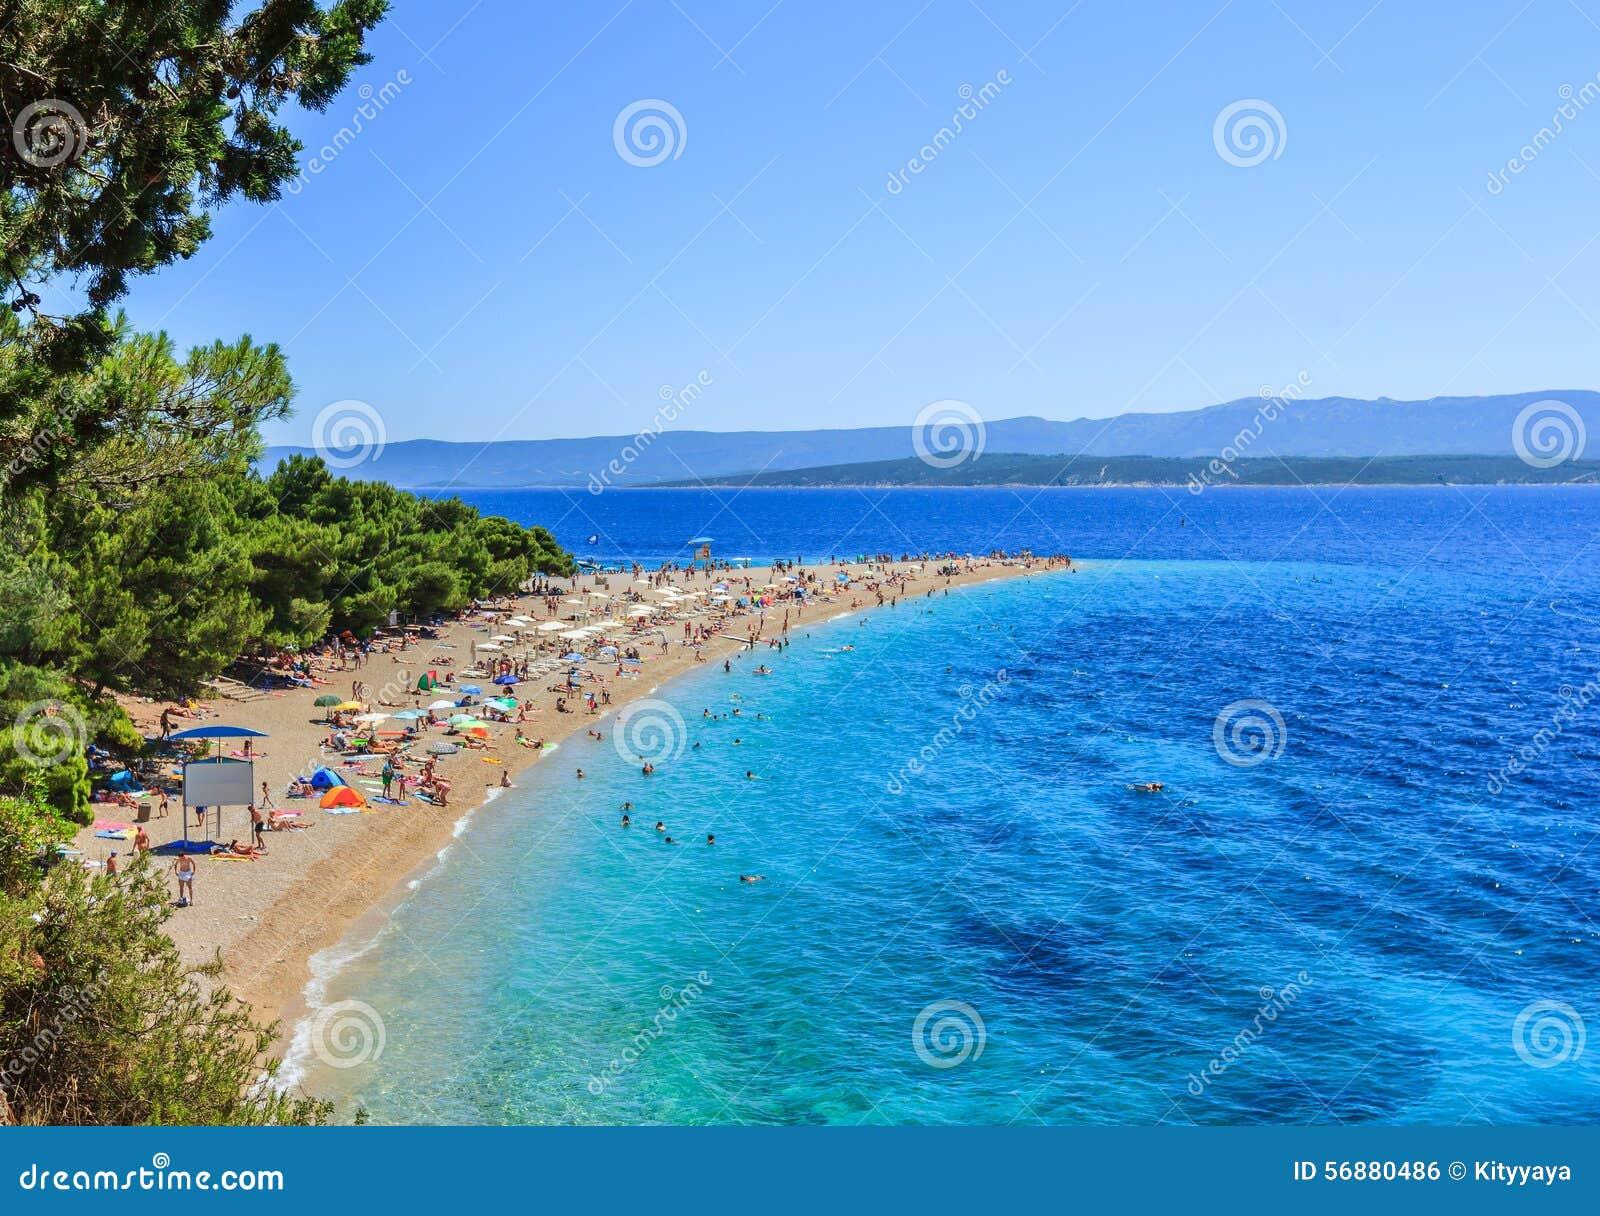 Plage de Bol, Croatie